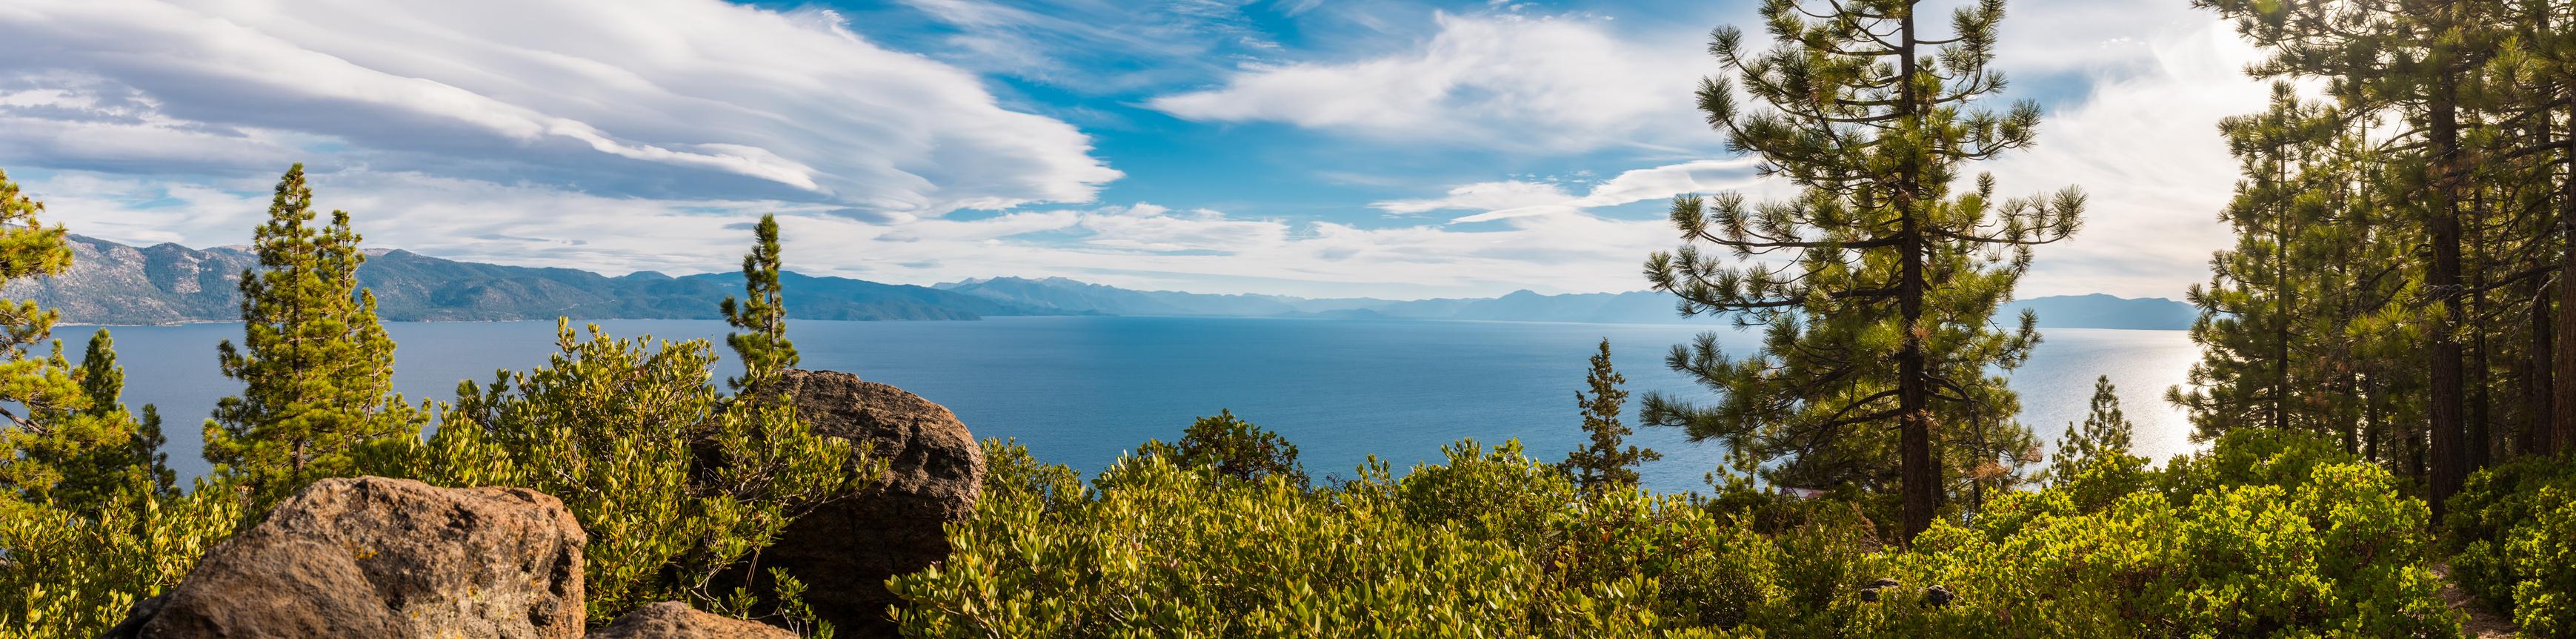 Natural Retreats North Lake Tahoe Vacation Rental Management Company